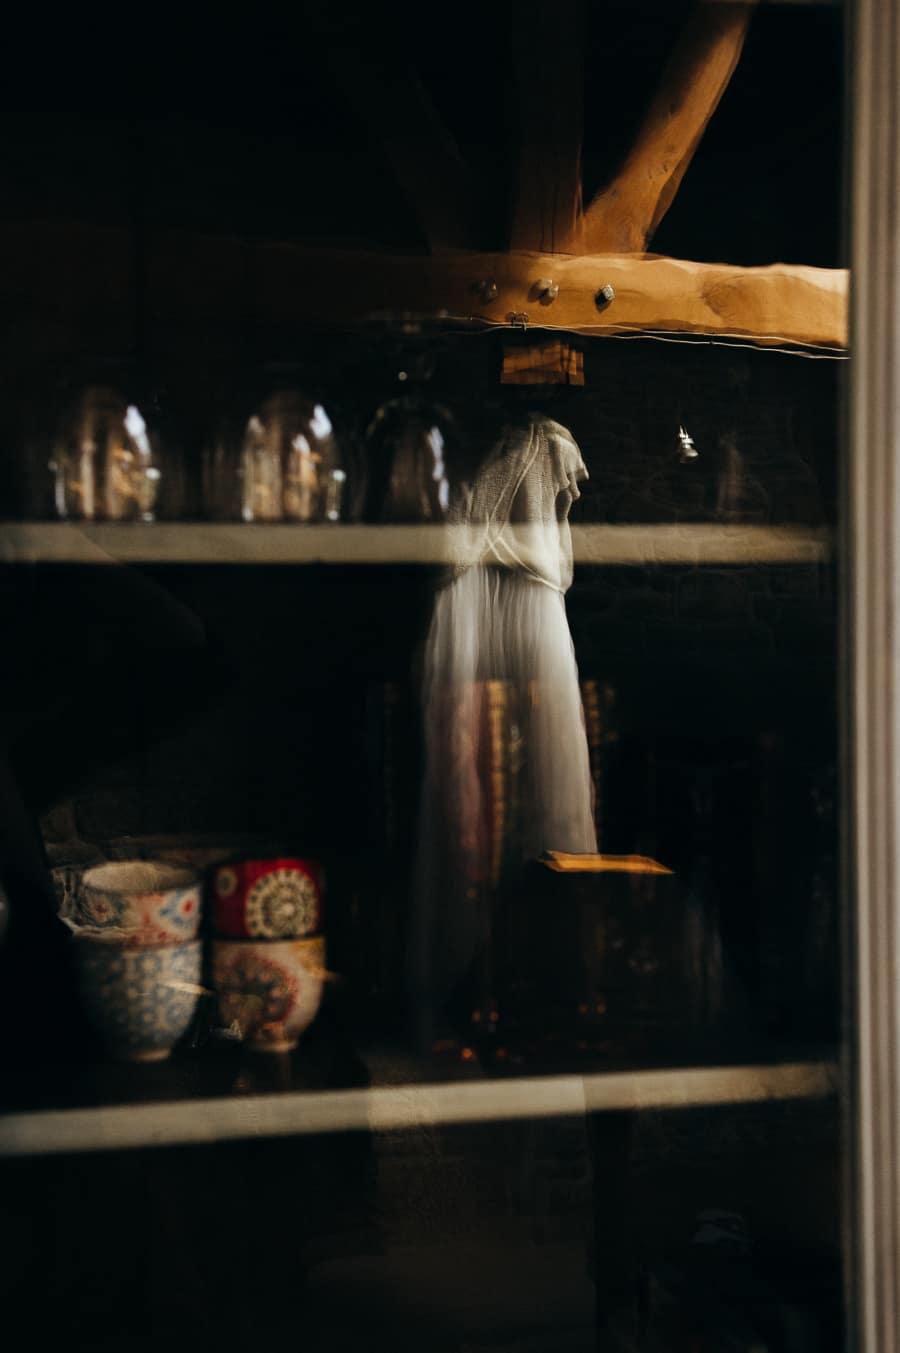 Mariage Belge en Bretagne mariage-belge-dans-le-morbihan-stephane-leludec-photographe-9